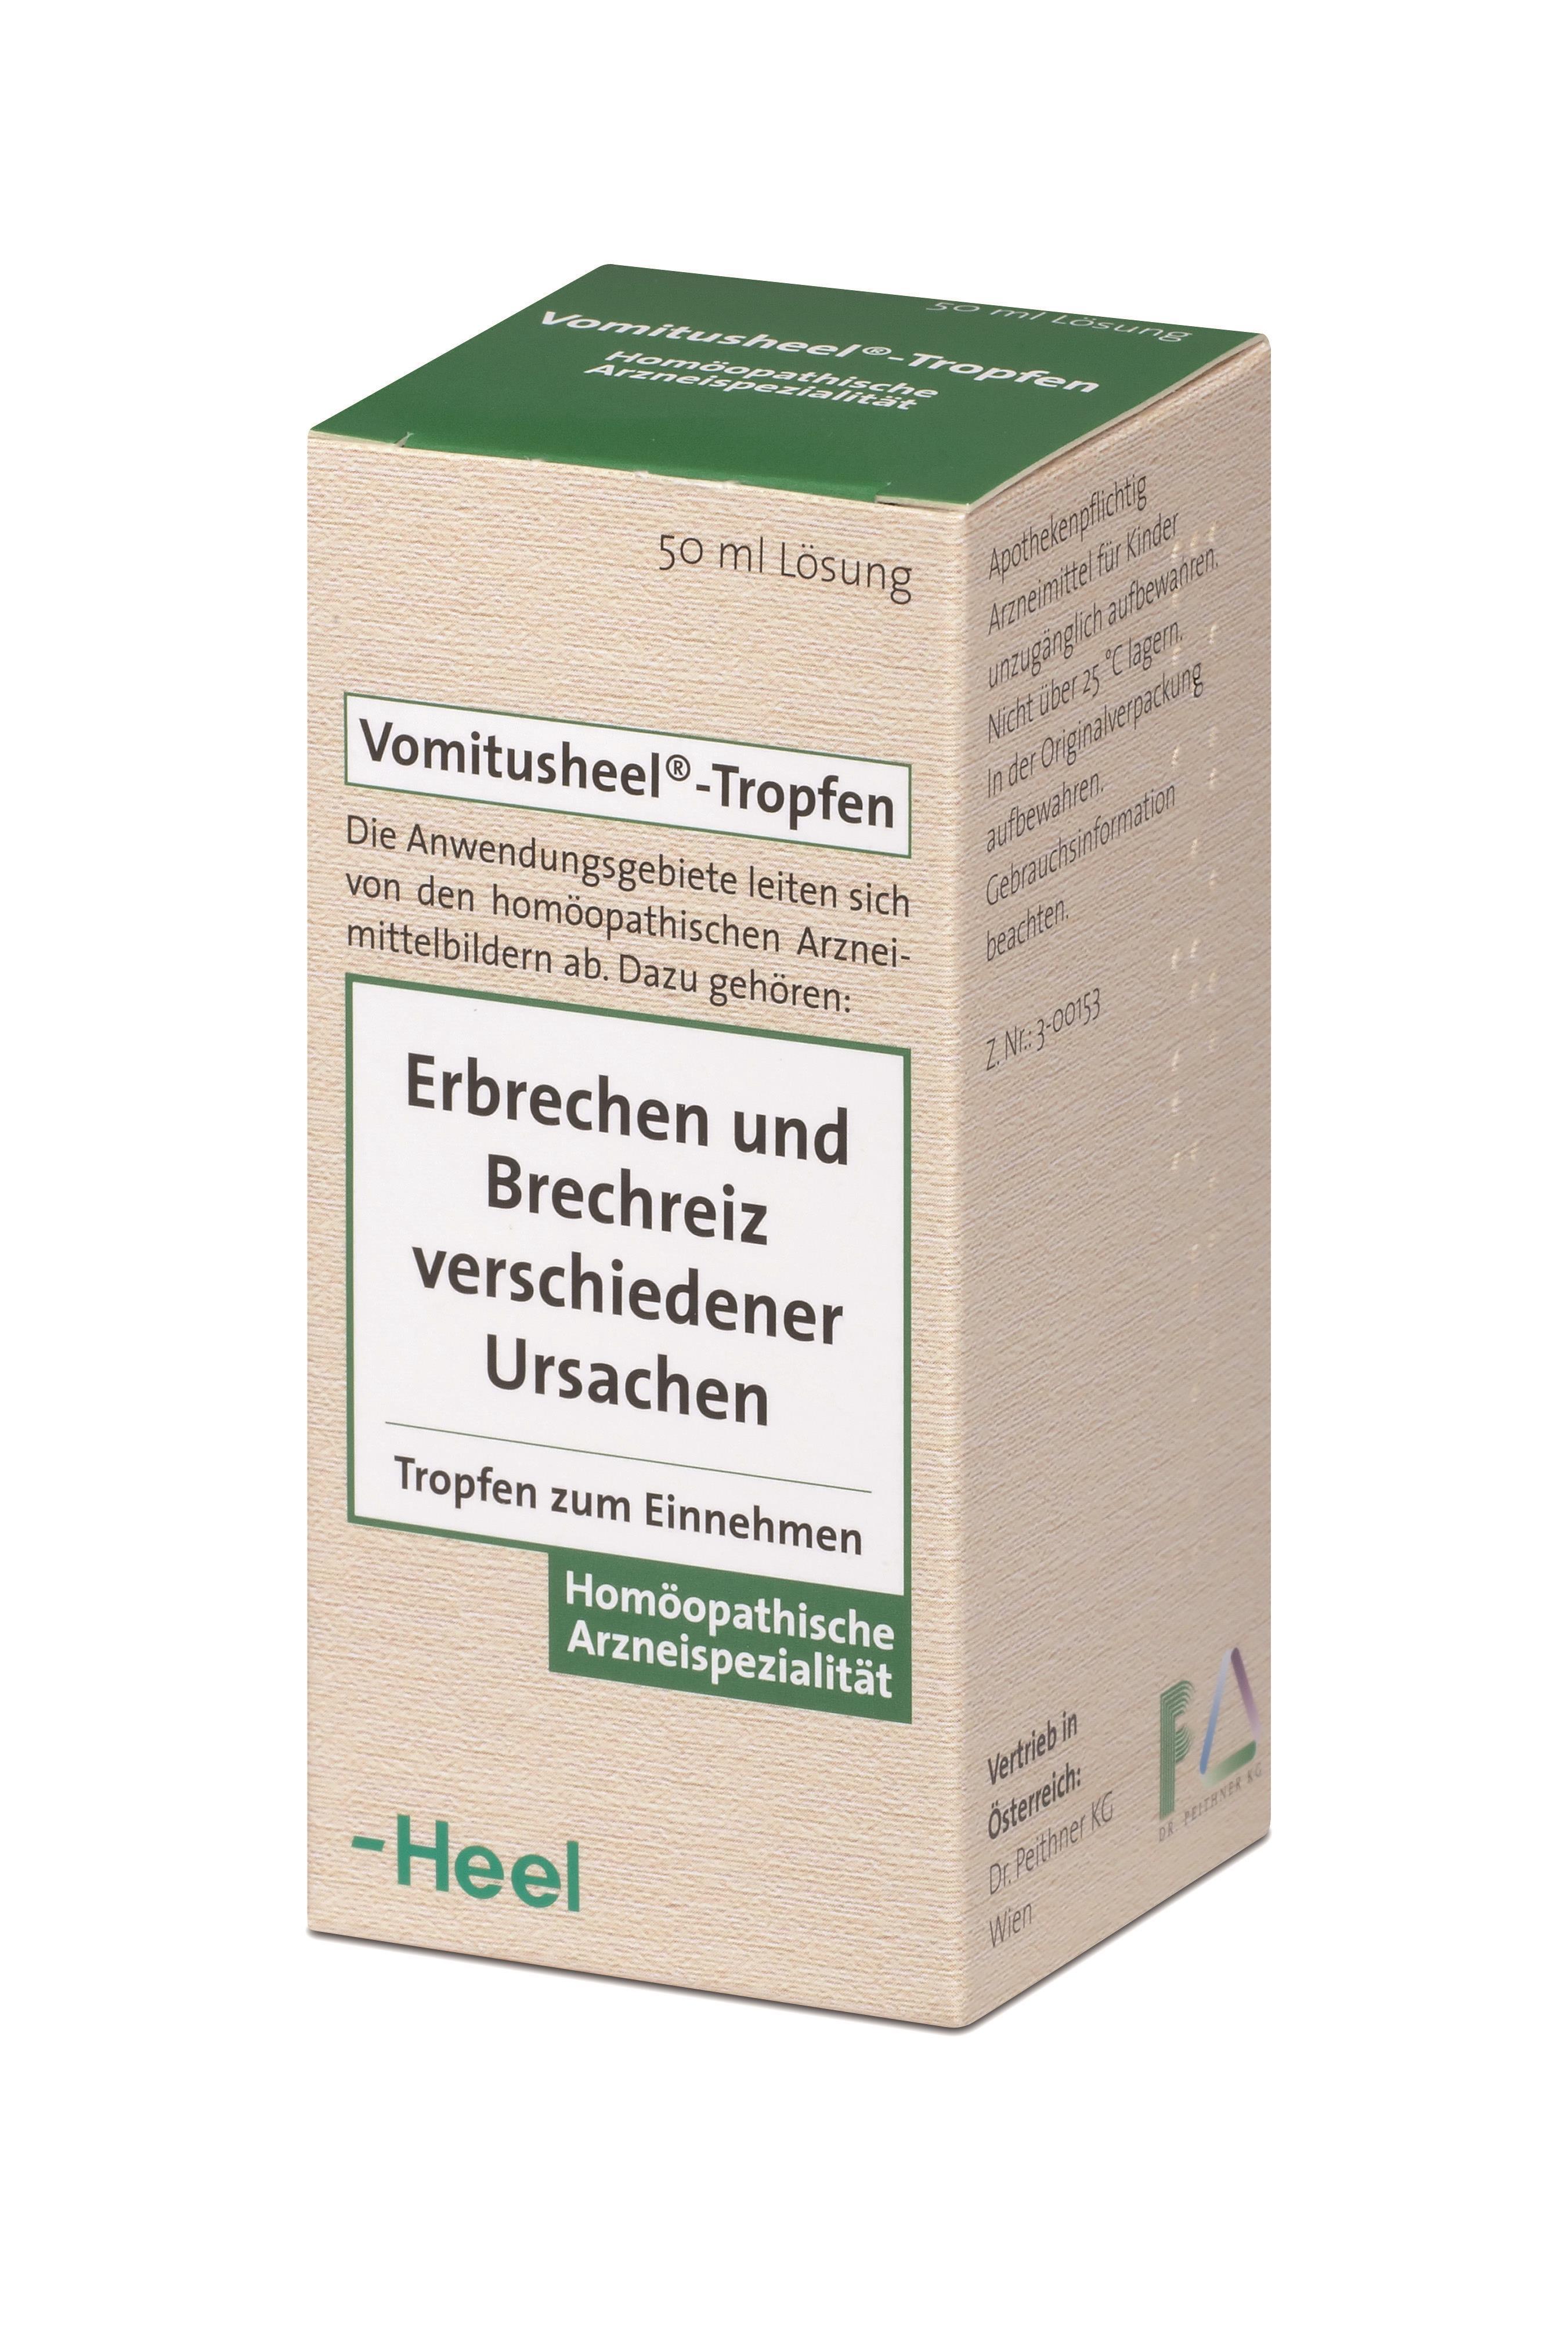 Vomitusheel - Tropfen